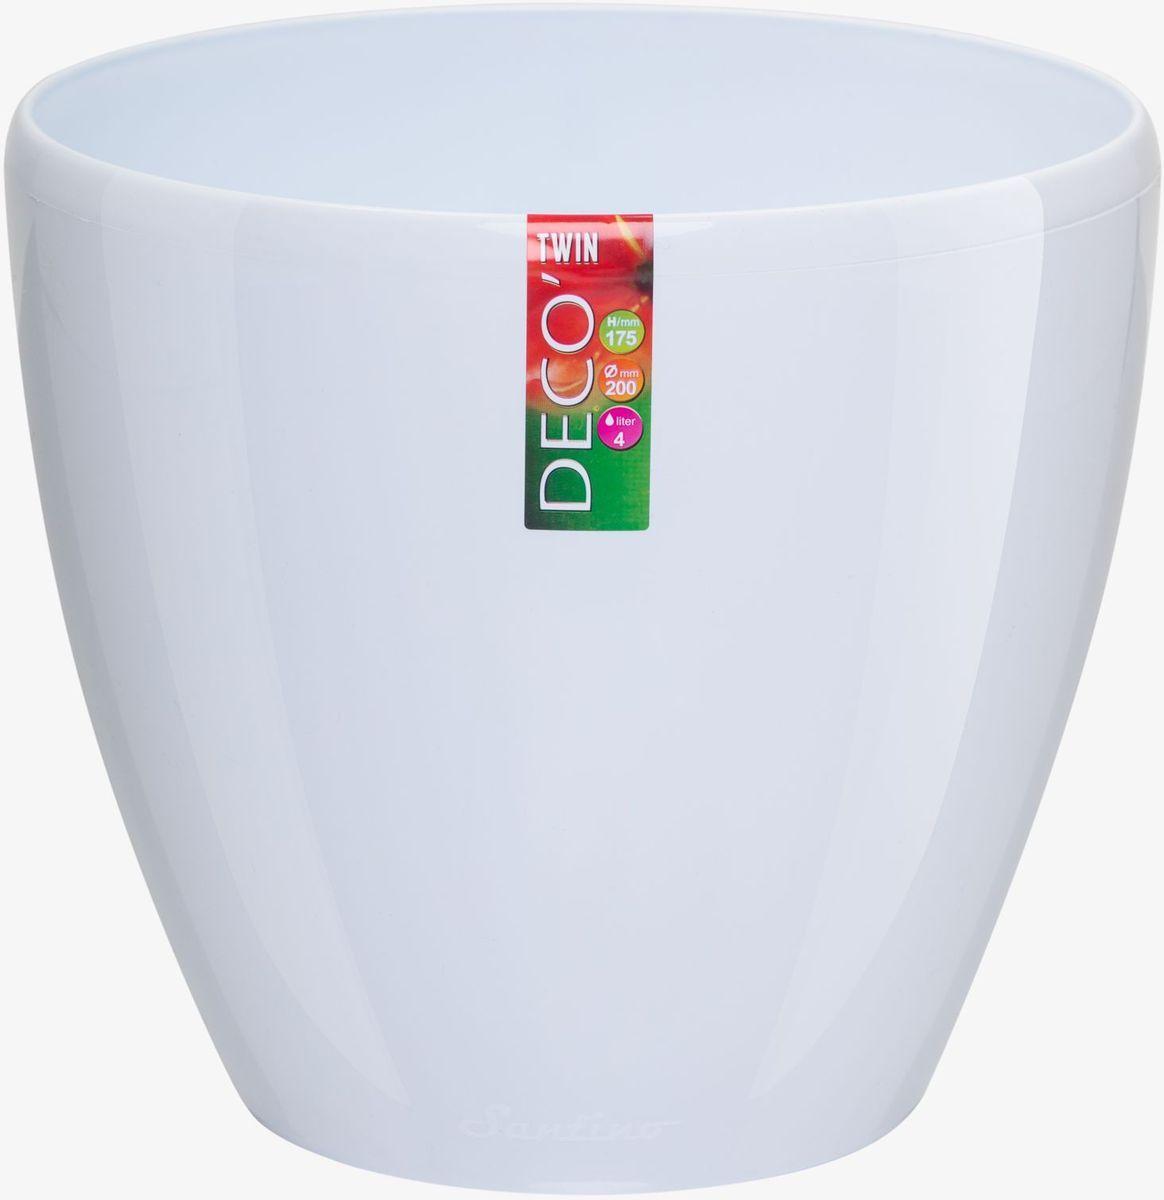 Горшок цветочный Santino Deco Twin, двойной, с системой автополива, цвет: прозрачный, 2,5 лДЕК 2,5 ПРГоршок цветочный Santino Deco Twin снабжен дренажной системой и состоит из кашпо и вазона-вкладыша. Изготовлен из пластика. Особенность: тарелочка или блюдце не нужны. Горшок предназначен для любых растений или цветов. Цветочный дренаж – это система, которая позволяет выводить лишнюю влагу через корневую систему цветка и слой почвы. Растение – это живой организм, следовательно, ему необходимо дышать. В доступе к кислороду нуждаются все части растения: -листья; -корневая система. Если цветовод по какой-либо причине зальет цветок водой, то она буквально вытеснит из почвенного слоя все пузырьки кислорода. Анаэробная среда способствует развитию различного рода бактерий. Безвоздушная среда приводит к загниванию корневой системы, цветок в результате увядает. Суть работы дренажной системы заключается в том, чтобы осуществлять отвод лишней влаги от растения и давать возможность корневой системе дышать без проблем. Следовательно, каждому цветку необходимо: -иметь в основании цветочного горшочка хотя бы одно небольшое дренажное отверстие. Оно необходимо для того, чтобы через него выходила лишняя вода, плюс ко всему это отверстие дает возможность циркулировать воздух. -на самом дне горшка необходимо выложить слоем в 2-5 см (зависит от вида растения) дренаж.УВАЖАЕМЫЕ КЛИЕНТЫ!Обращаем ваше внимание на тот факт, что фото изделия служит для визуального восприятия товара. Литраж и размеры, представленные на этикетке товара, могут по факту отличаться от реальных. Корректные данные в поле Размеры.